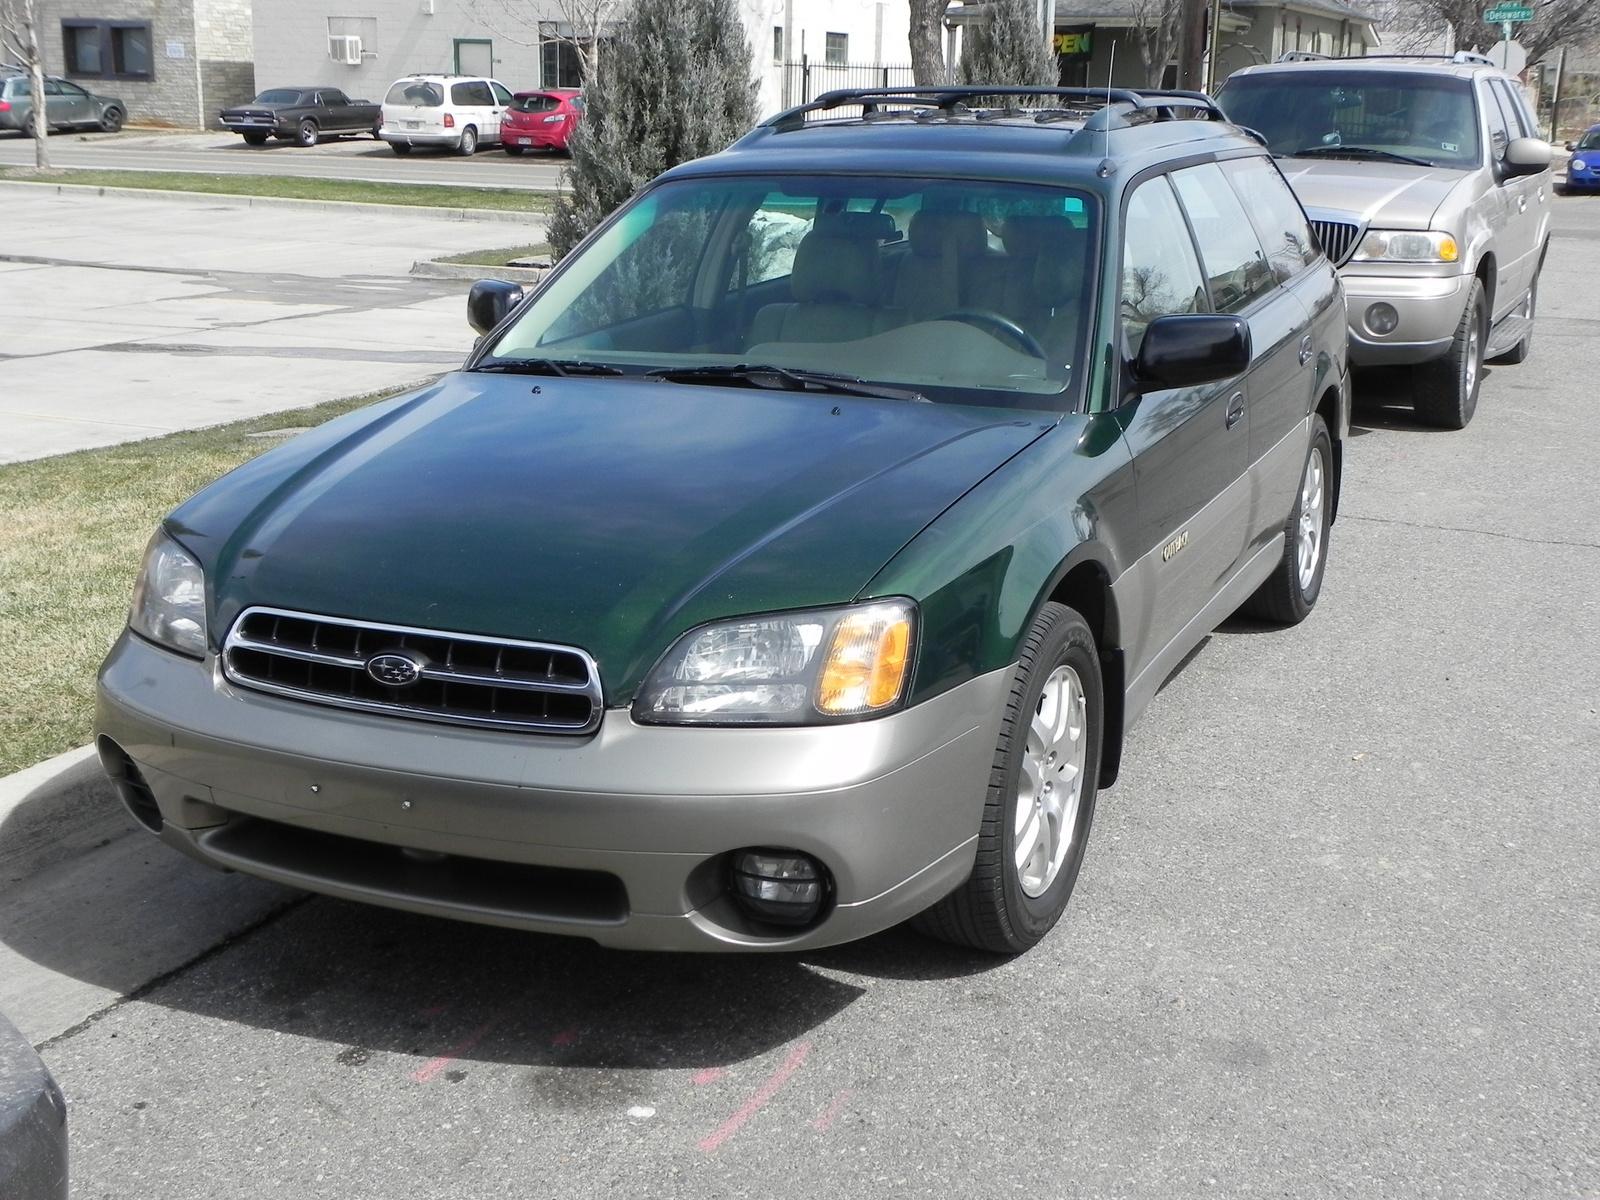 2000 Subaru Outback Pictures Cargurus